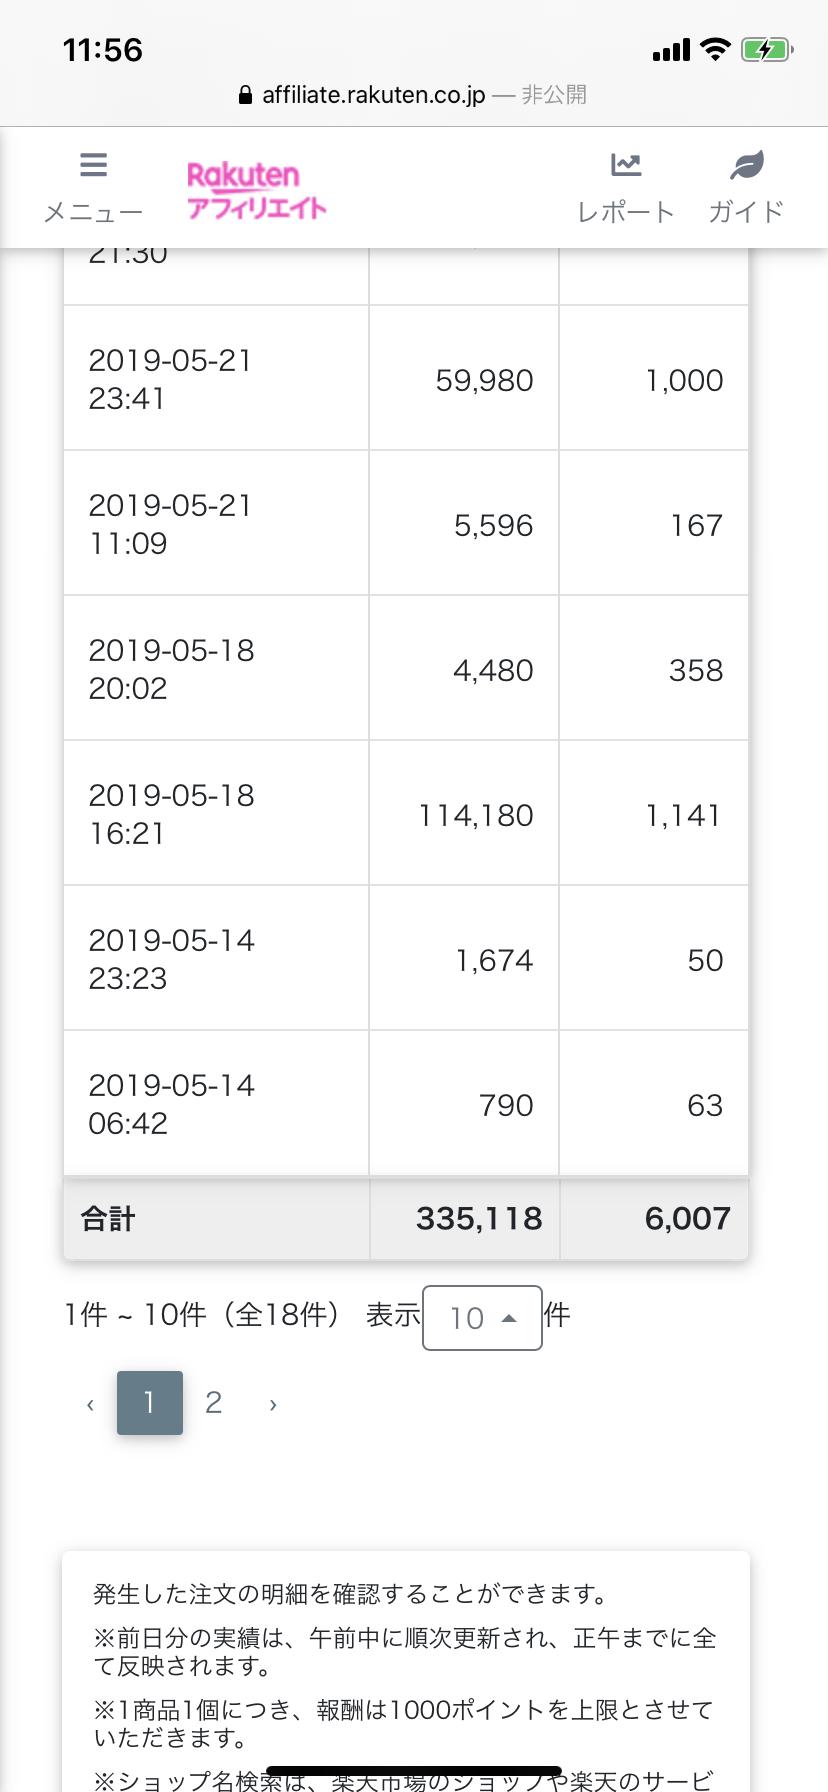 2019年楽天アフィリエイト成果